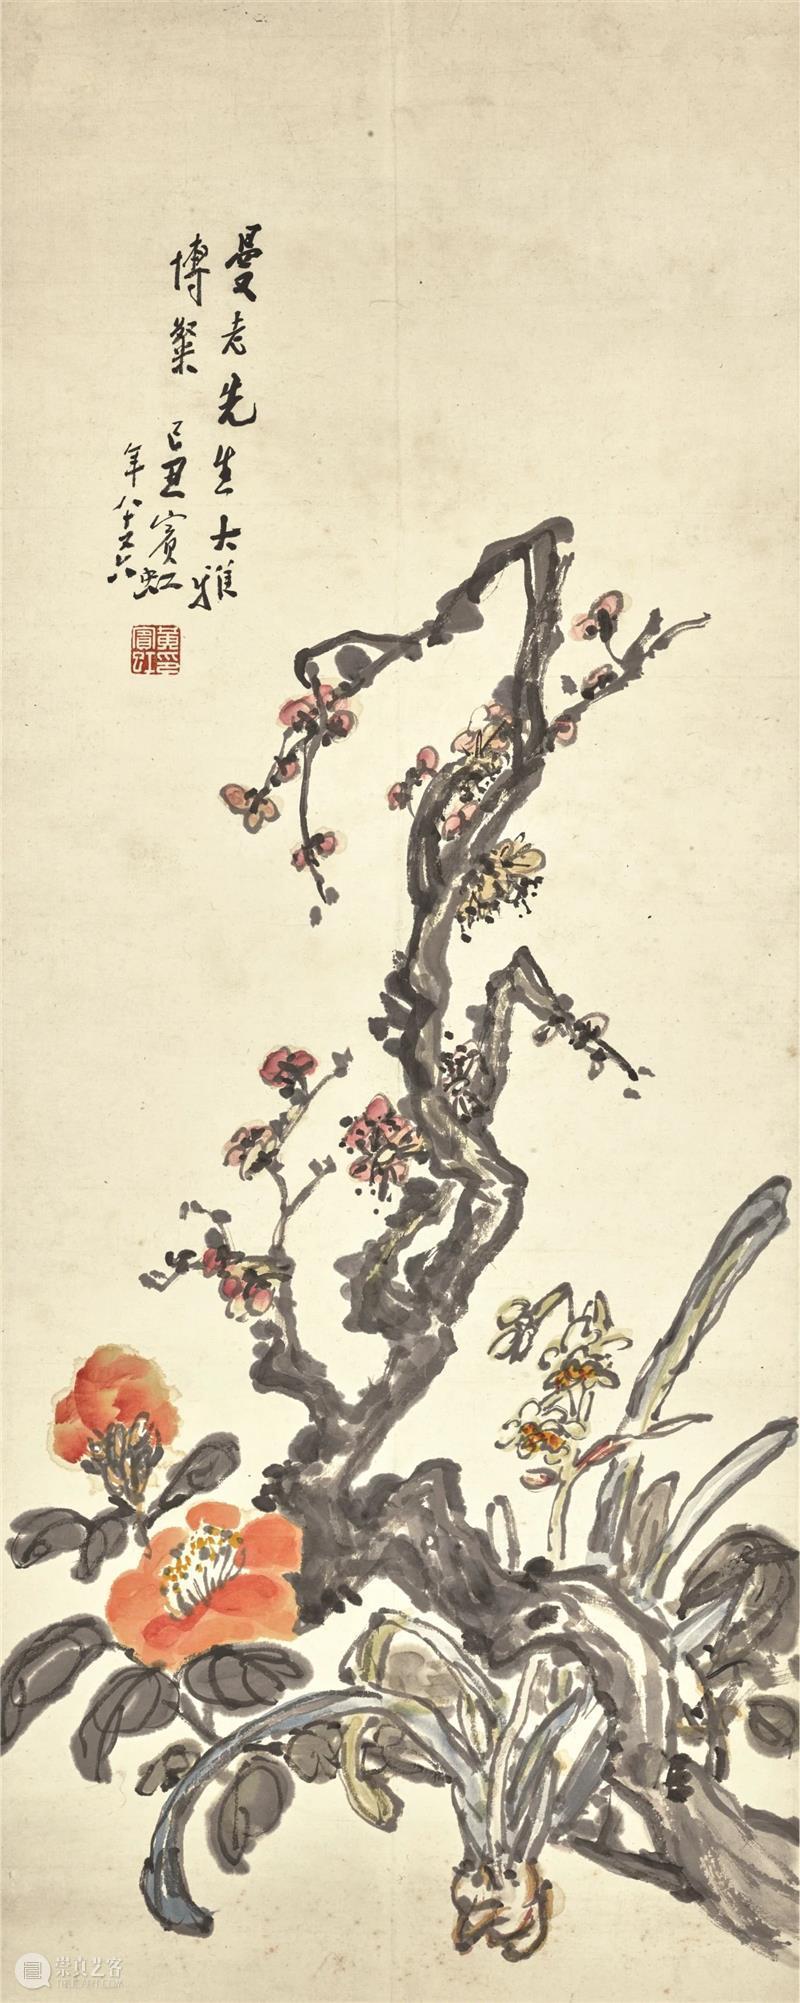 伦敦蘇富比 | 中国近现代书画巨匠 伦敦 蘇富比 中国 近现代 书画 巨匠 李可染 黄宾虹 林风眠 张大千 崇真艺客